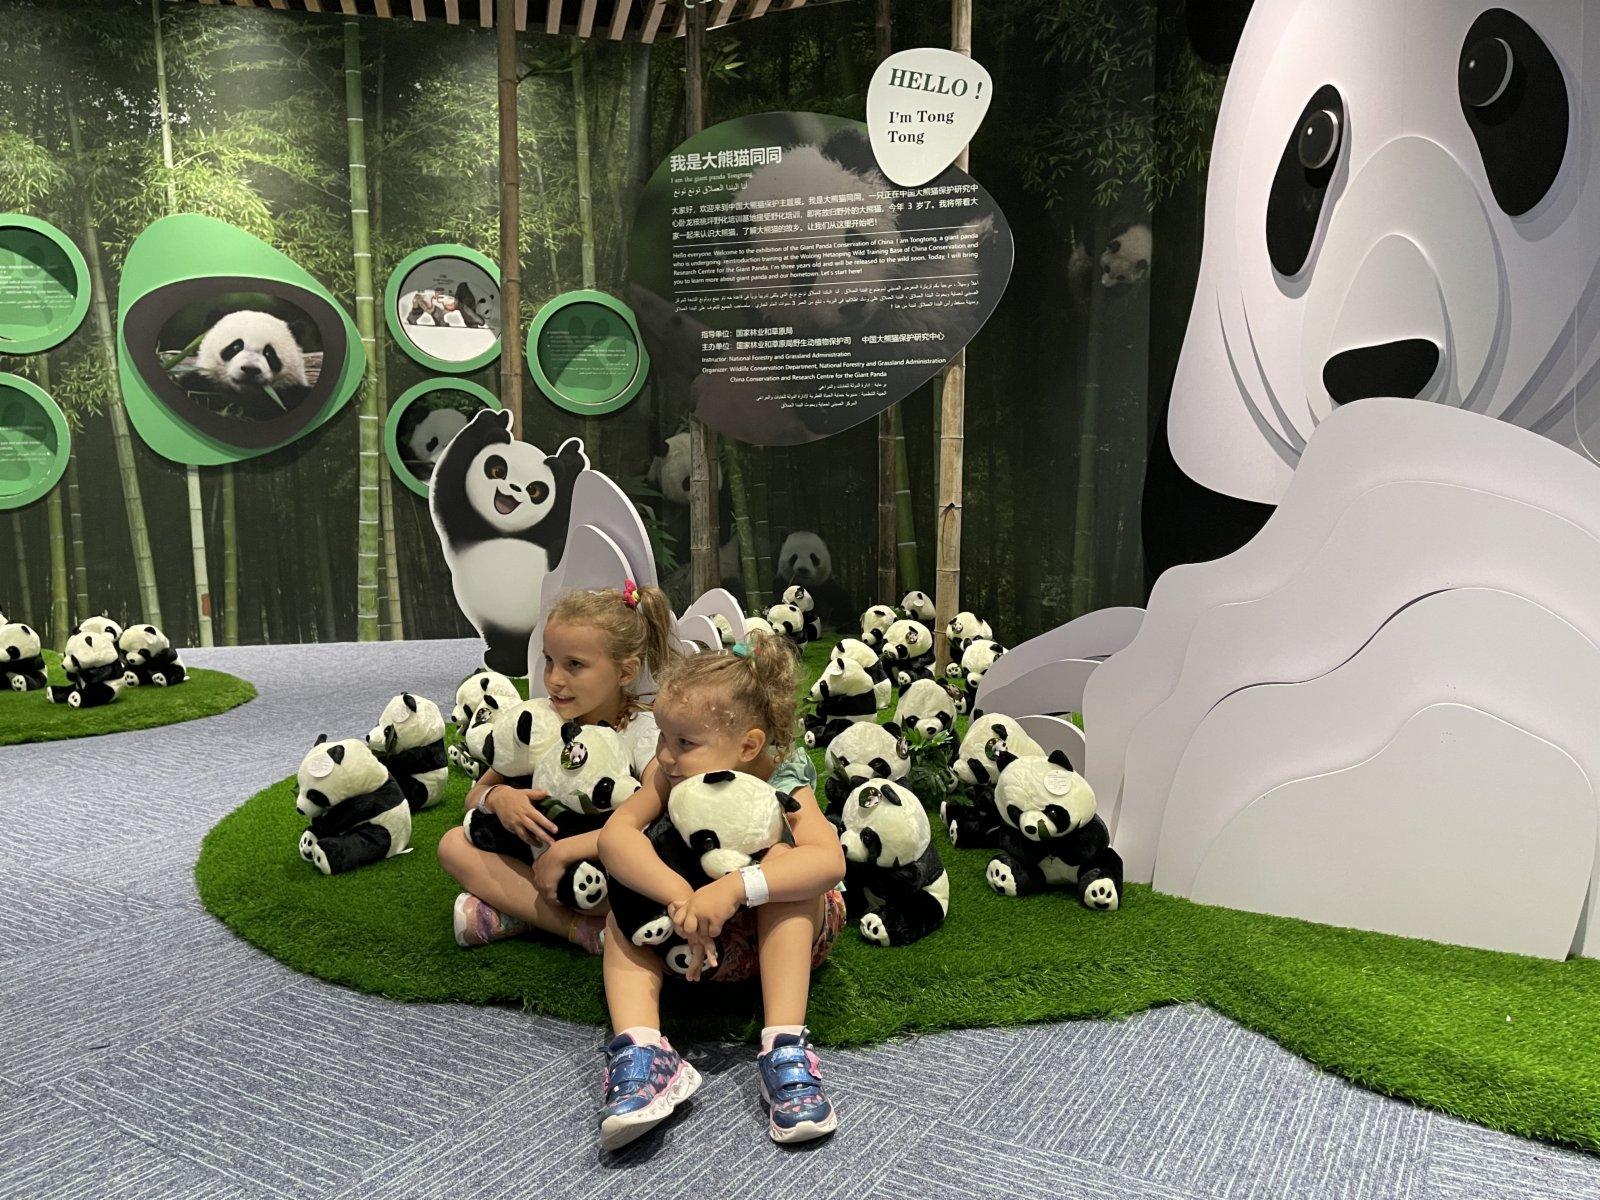 10月4日,在阿拉伯聯合酋長國迪拜,兩名兒童在迪拜世博會中國館的大熊貓保護主題展廳裡與熊貓玩偶合影。